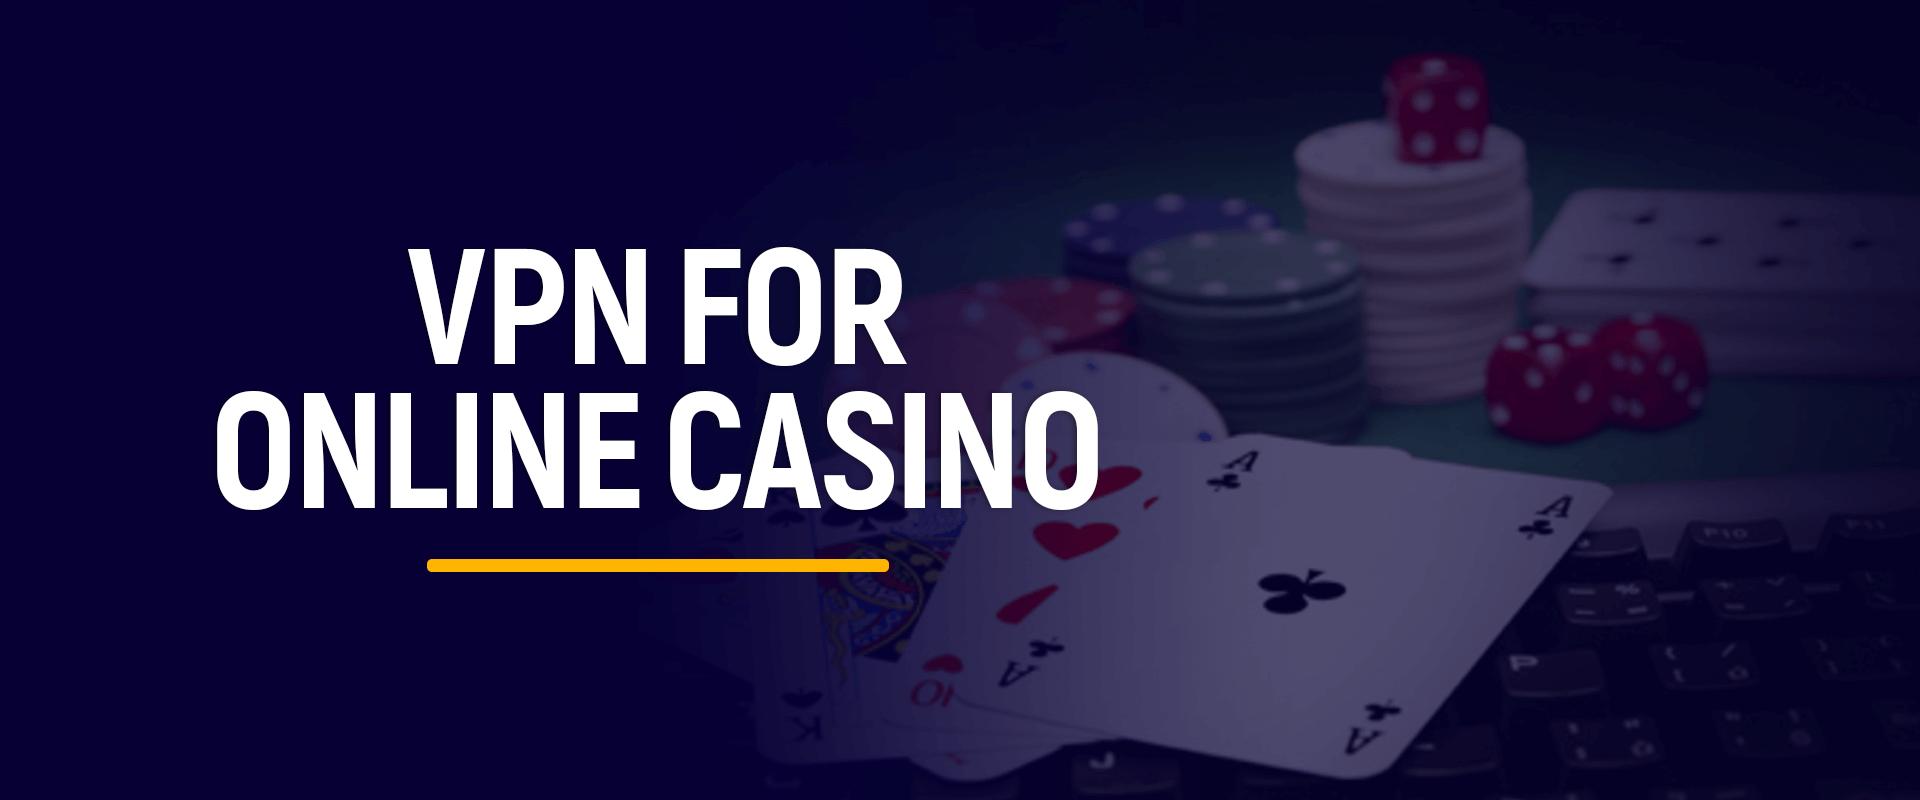 Vpn для казино стратегия оскара грайнда в казино